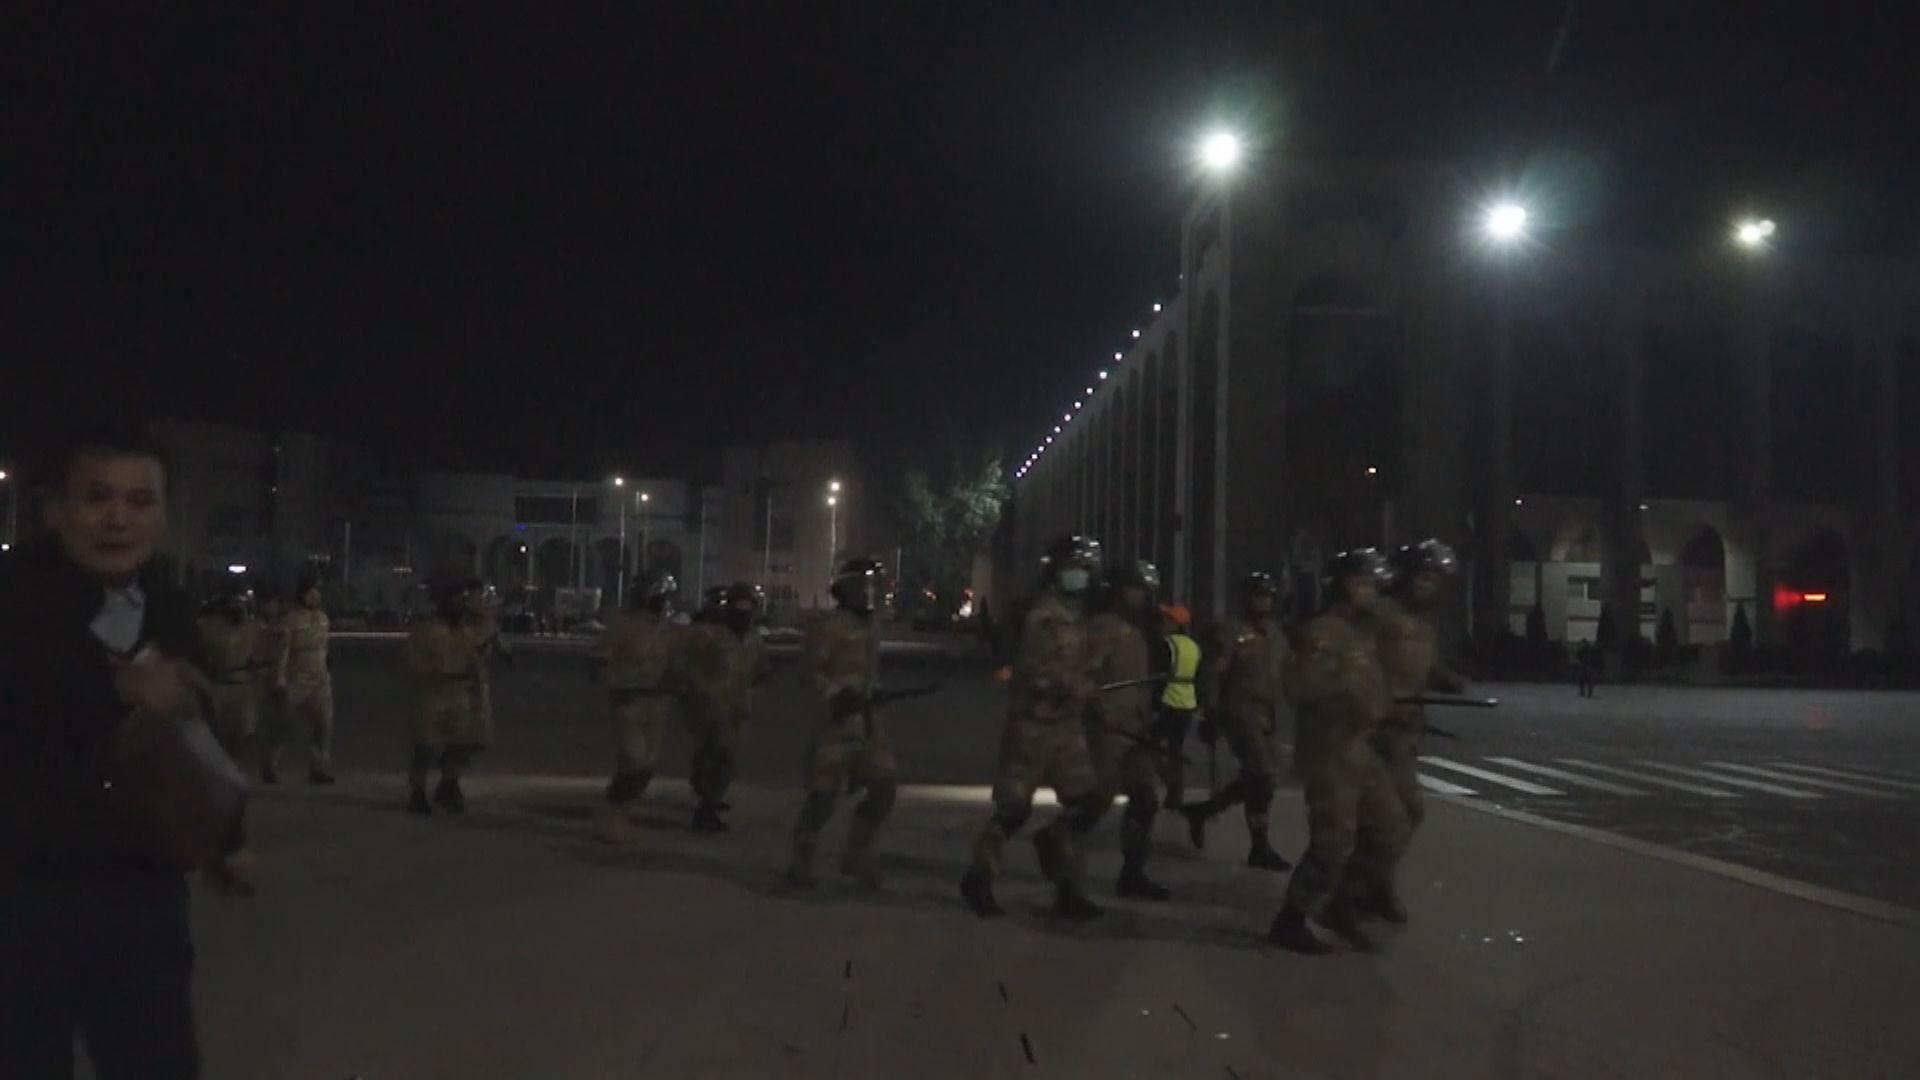 吉爾吉斯首都進入緊急狀態並實施宵禁